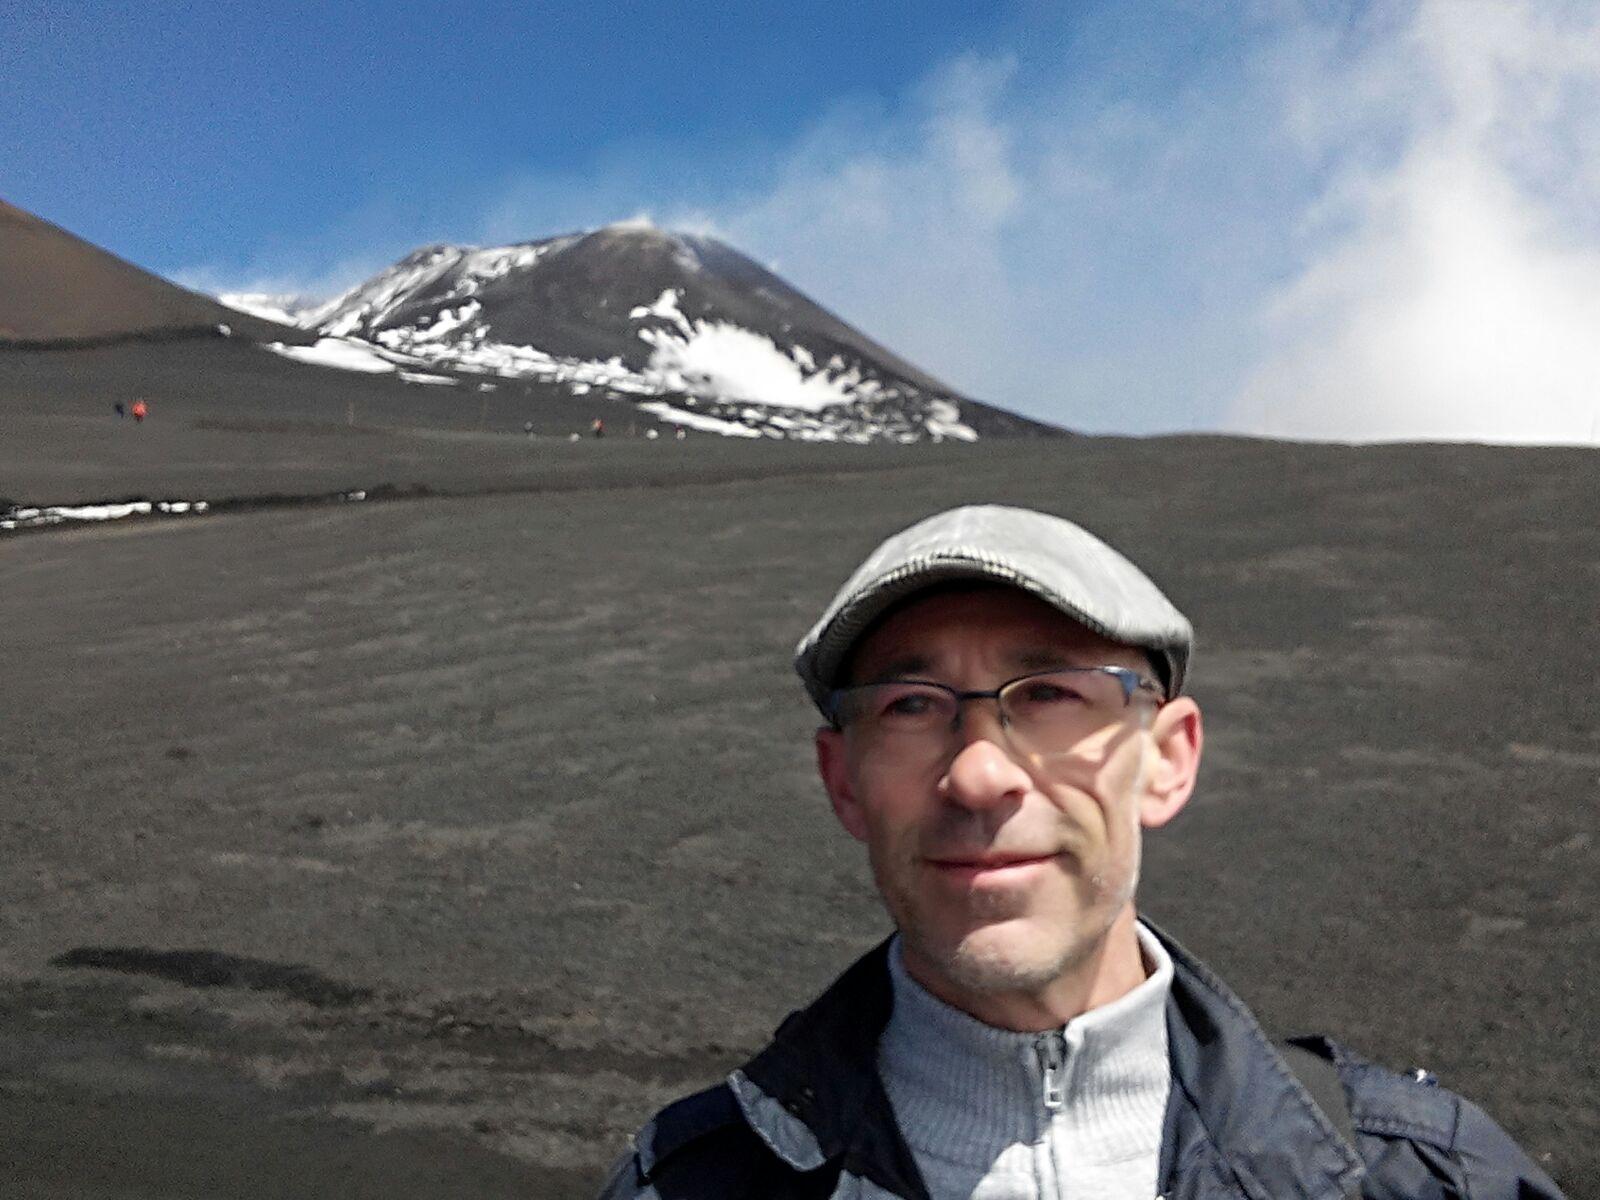 Enric con el Monte Etna al fondo, en Sicilia.